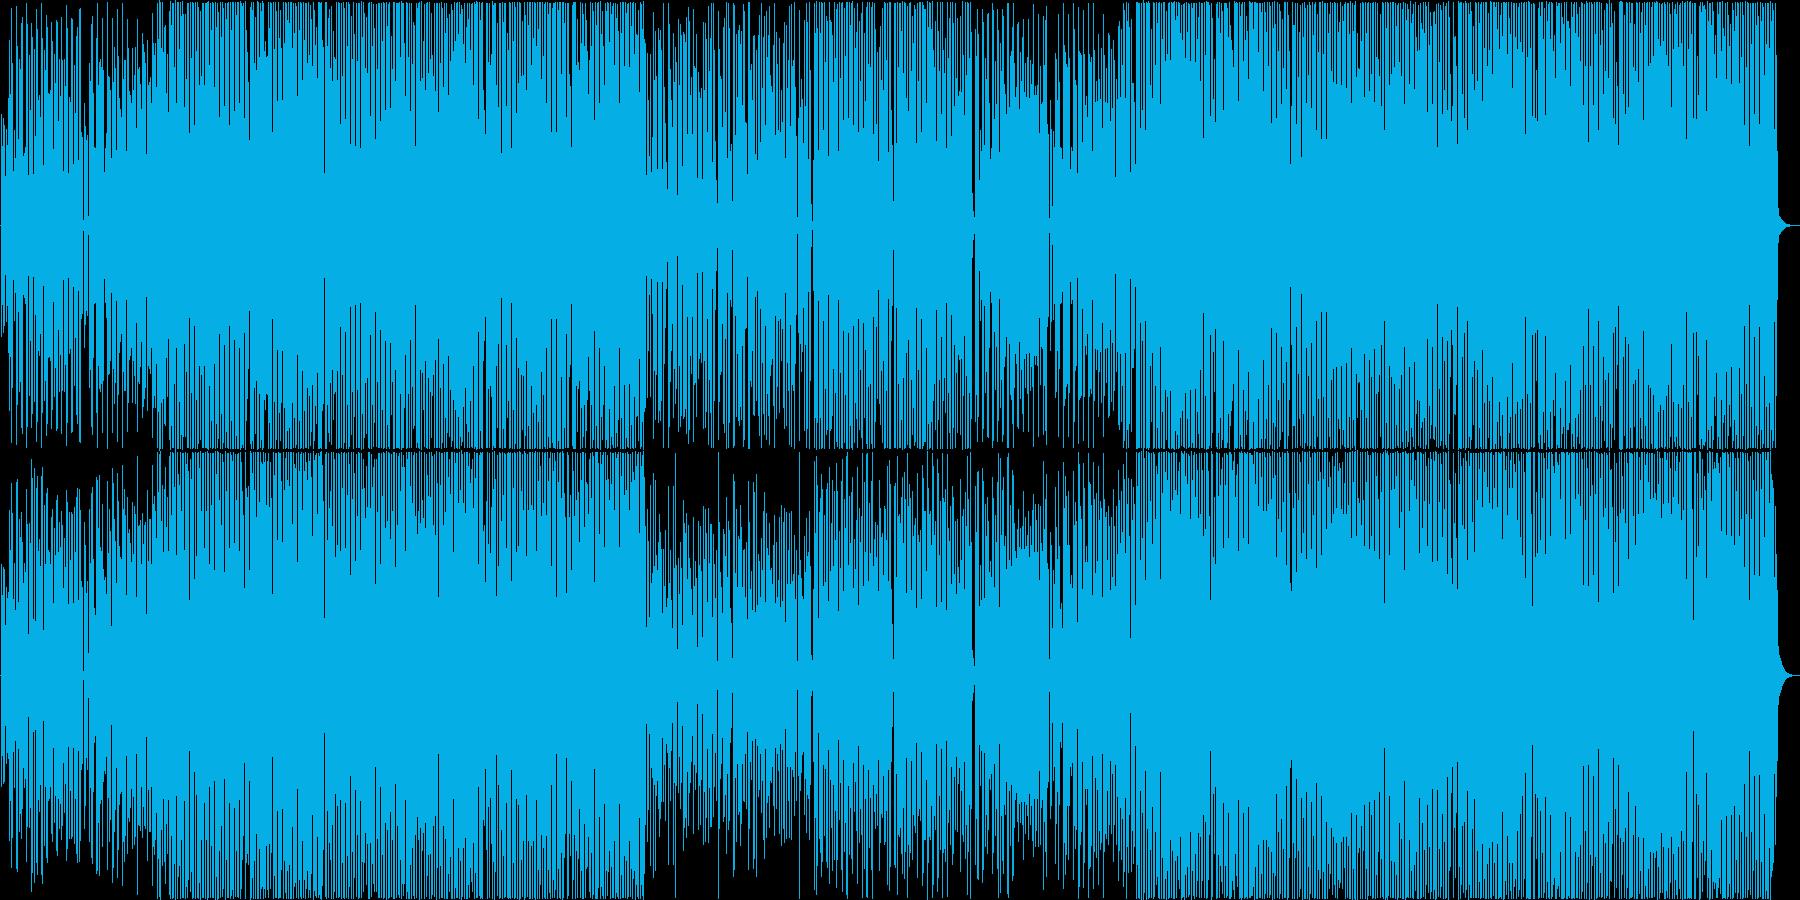 口笛、ウクレレ、縦笛のハッピーBGM♪の再生済みの波形